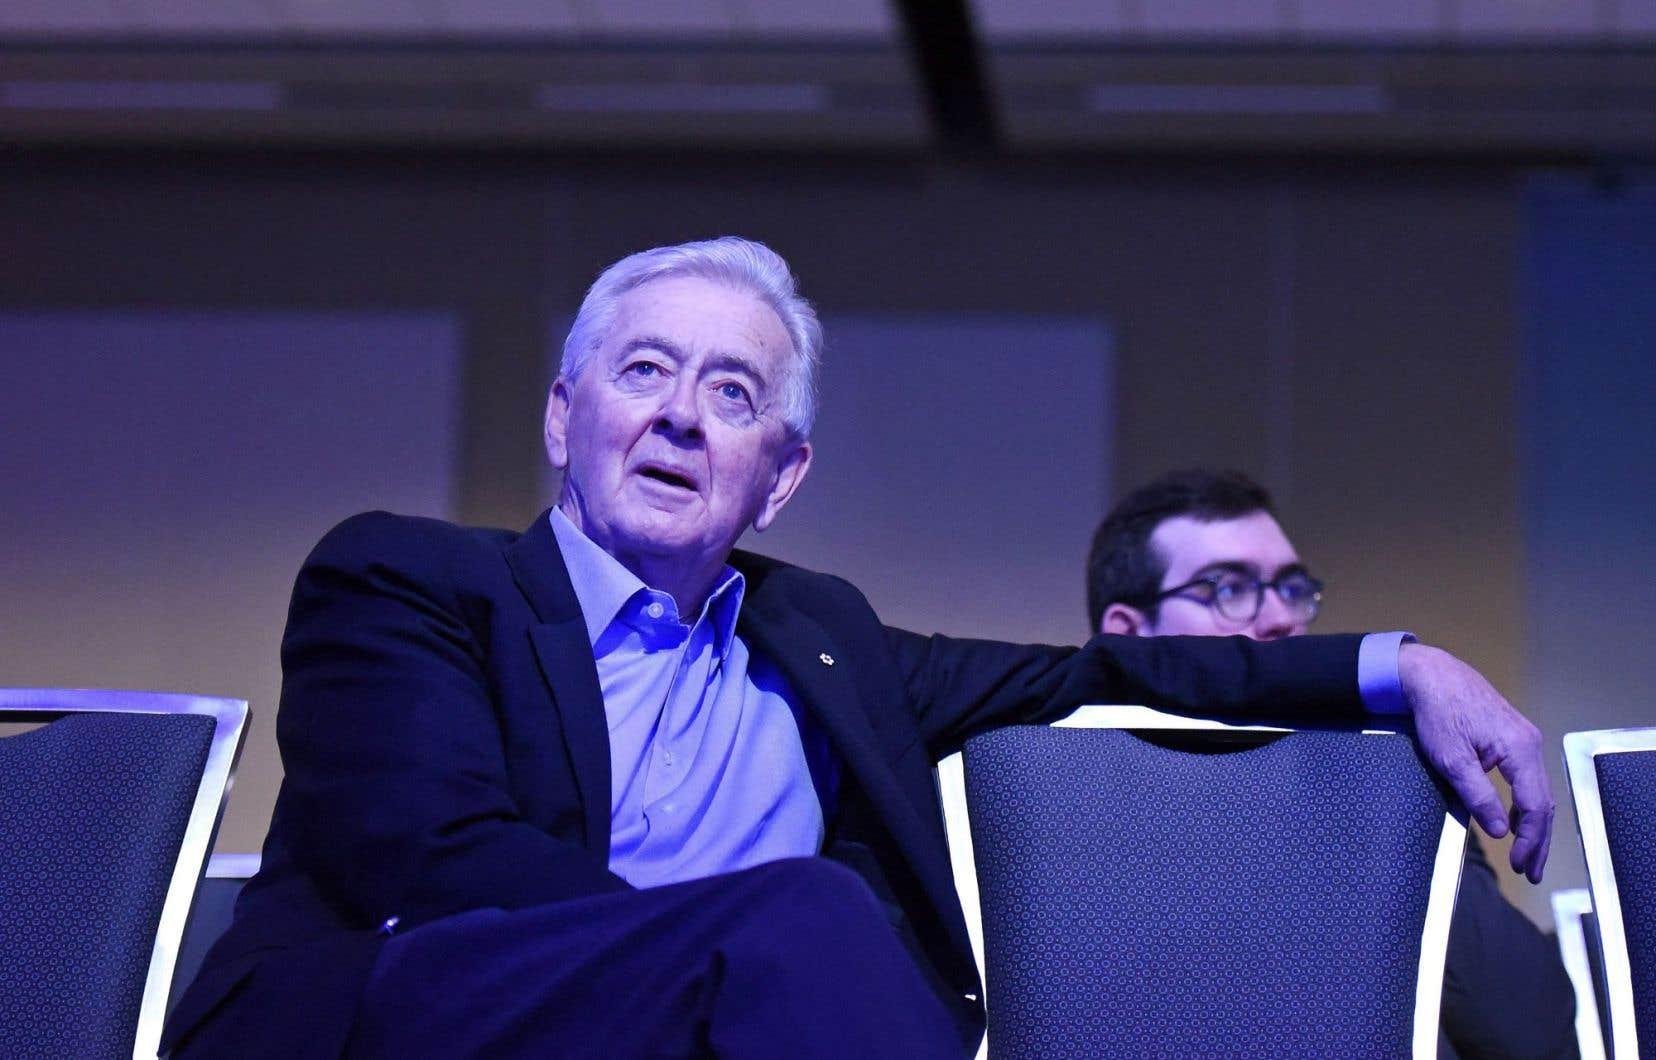 Le fondateur du Reform Party, Preston Manning, fait une analogie entre la montée actuelle du populisme et le sentiment d'aliénation qu'éprouvaient les citoyens de l'Ouest quand il a créé son parti. Le Canada a peut-être évité sa dislocation avec la création de son parti, qui a permis de canaliser le ressentiment populaire.